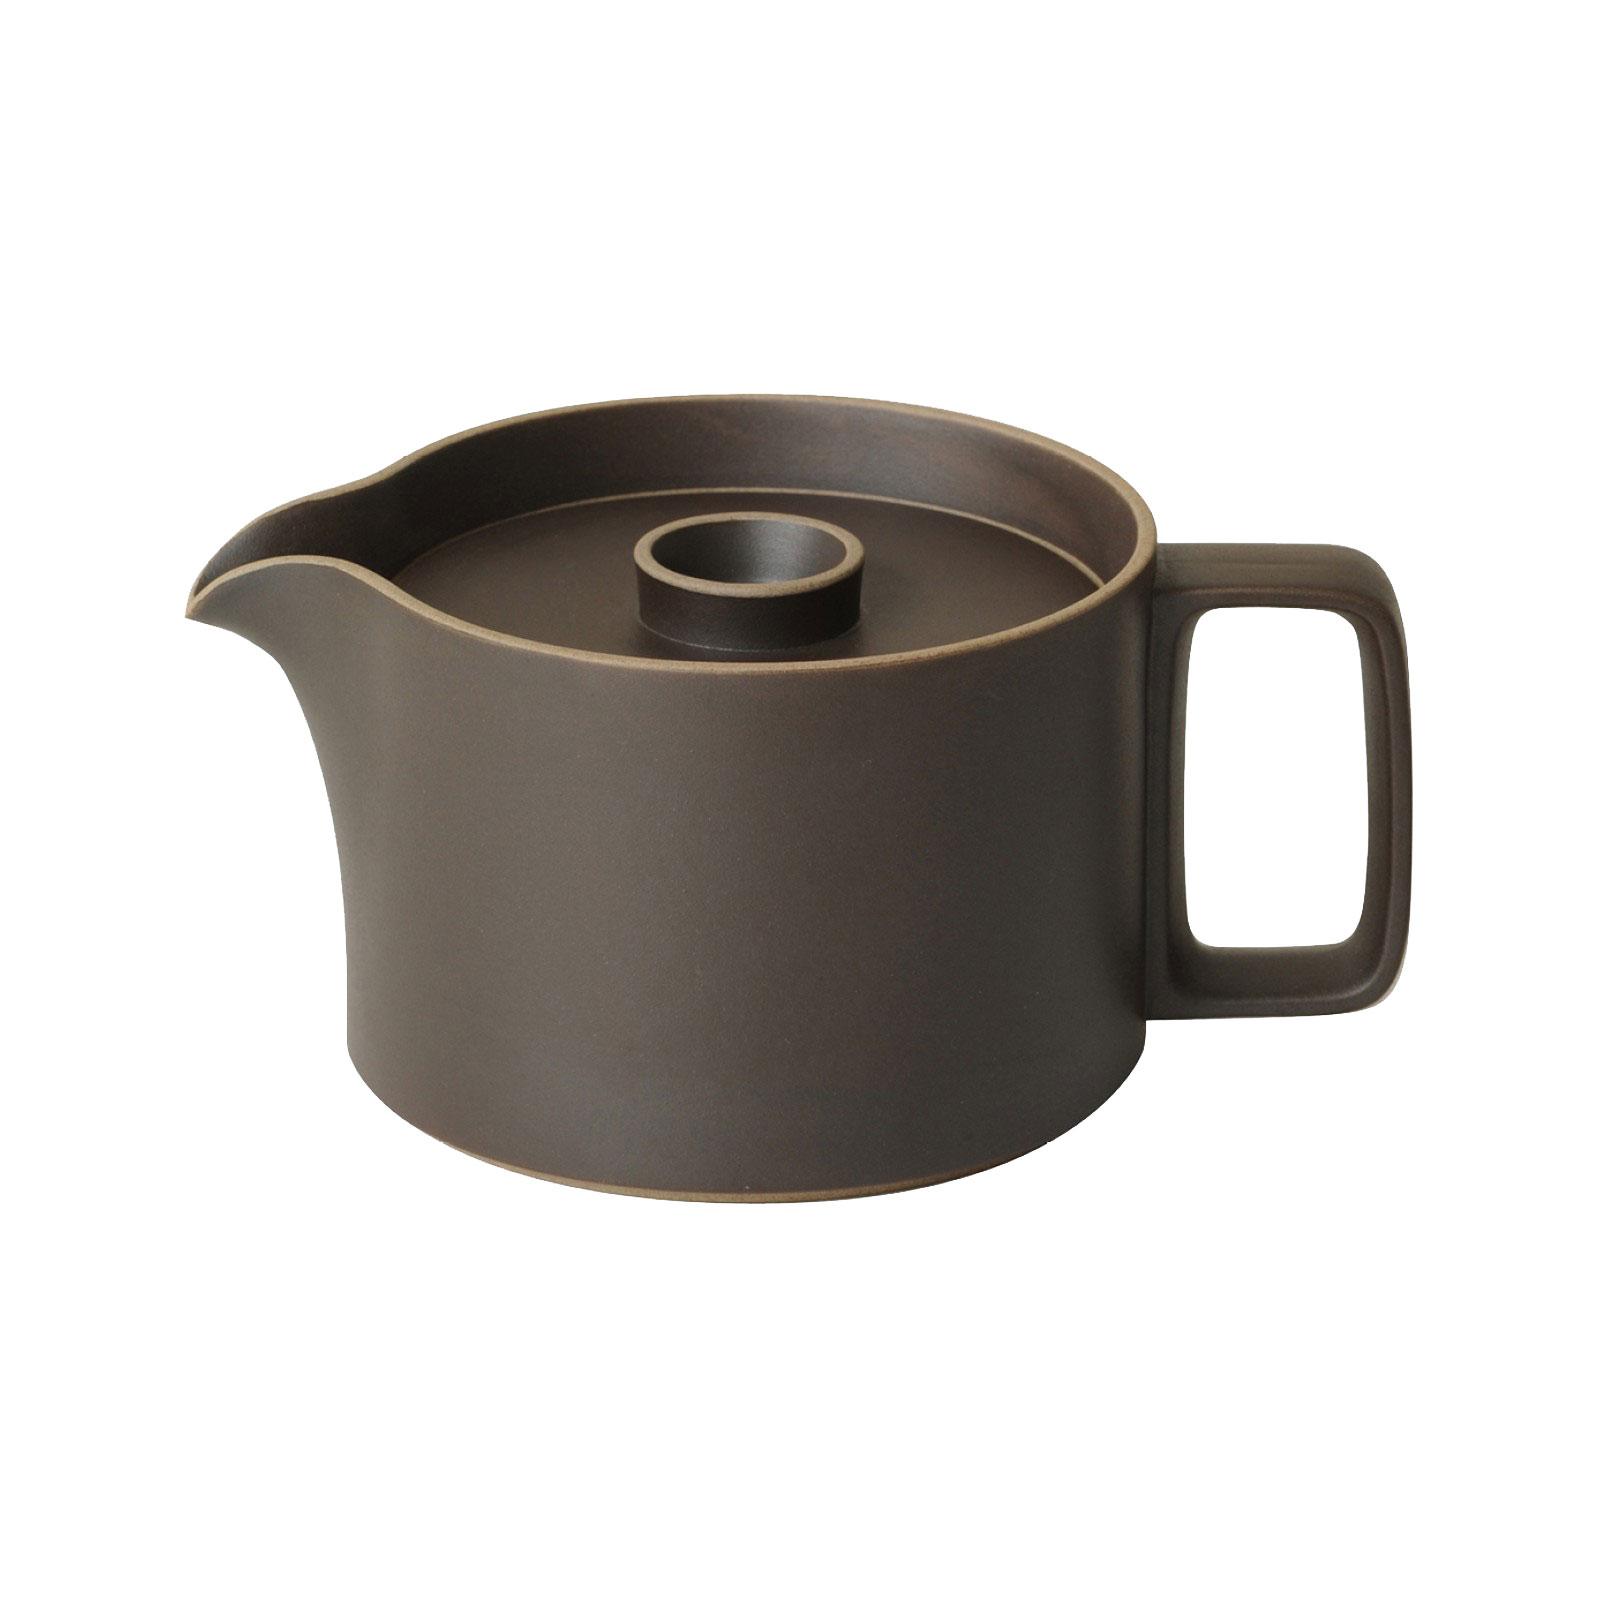 HPB018 Hasami Tea Pot black